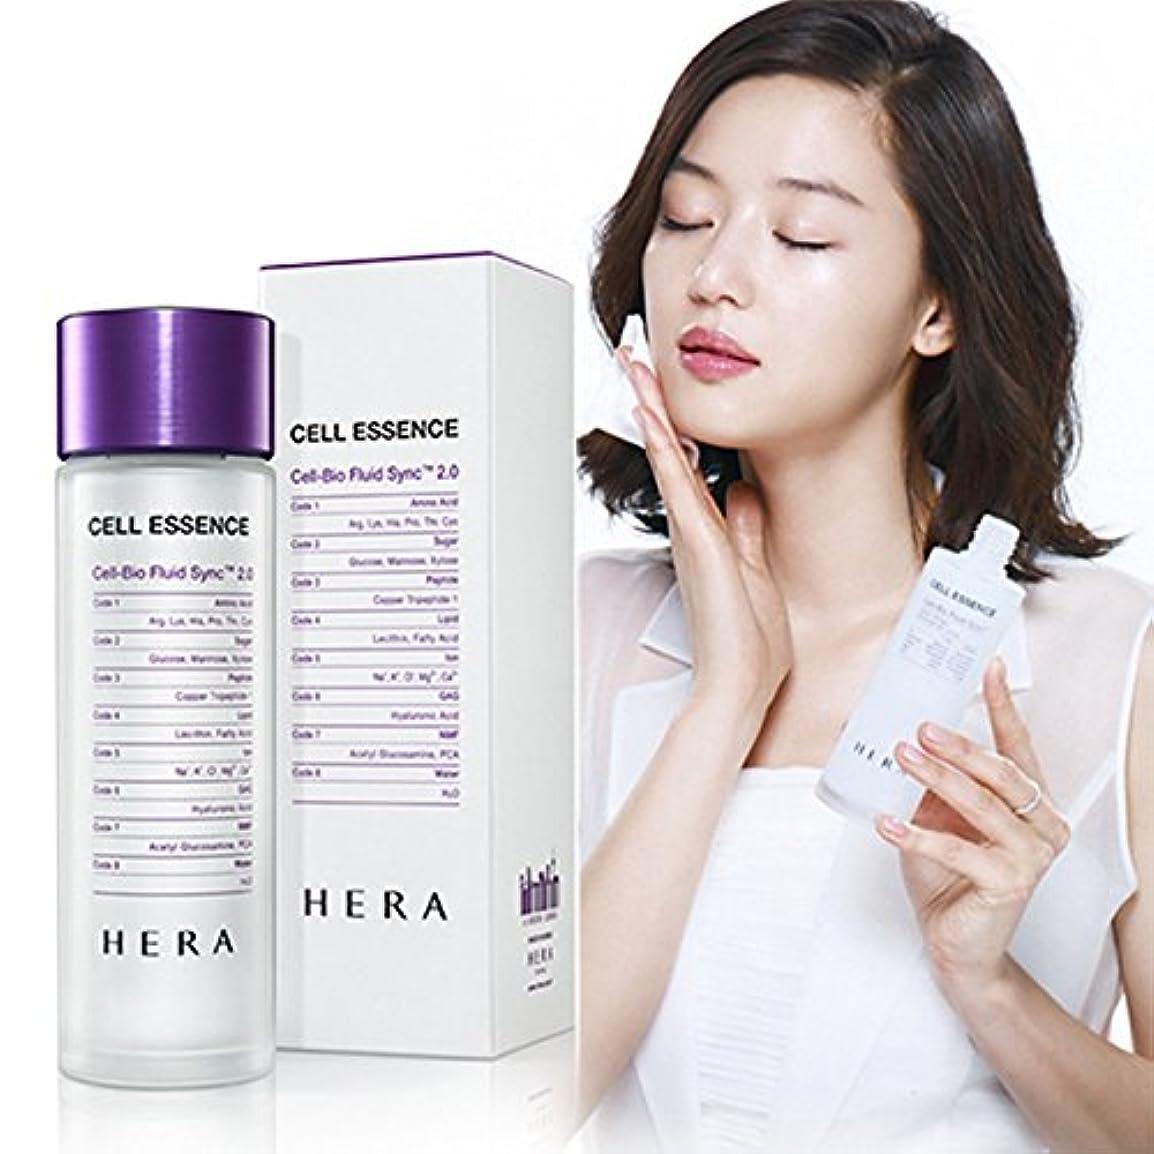 幸運なことにのどおとうさんHERA/ヘラ セルエッセンス セル?バイオフルイドシンク2.0 150ml 5 Oz 2016ニューバージョン(Hera Cell Essence Cell-Bio Fluid Sync 2.0 150ml 5 Oz...